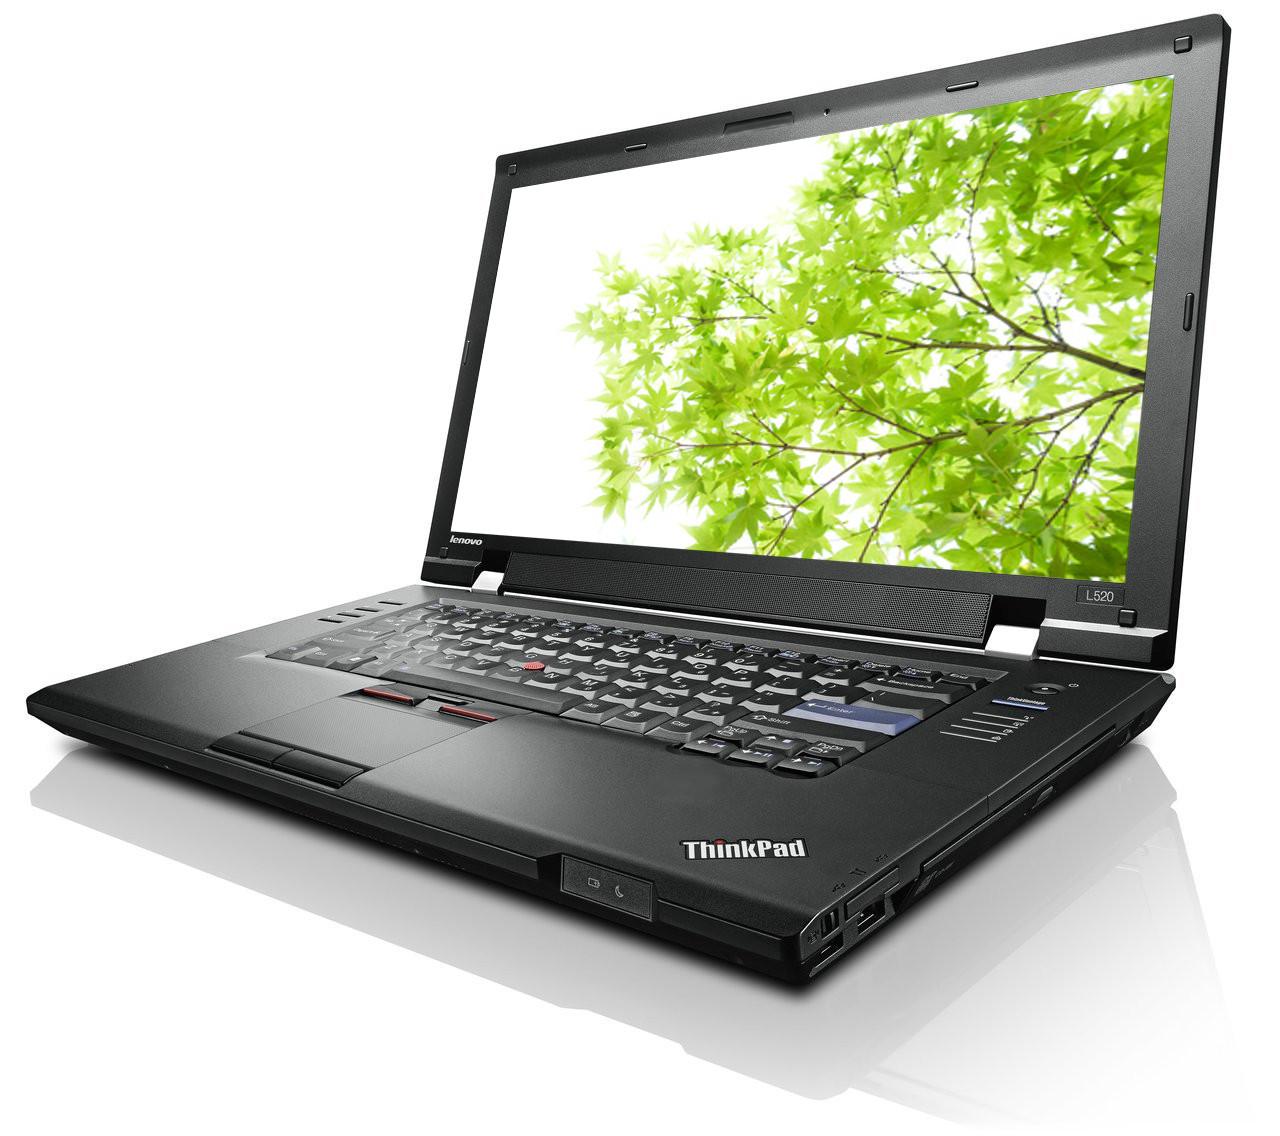 【500円クーポン使えます!】中古ノートパソコンLenovo ThinkPad L520 5017-AU6 【中古】 Lenovo ThinkPad L520 中古ノートパソコンCore i3 Win7 Pro Lenovo ThinkPad L520 中古ノートパソコンCore i3 Win7 Pro